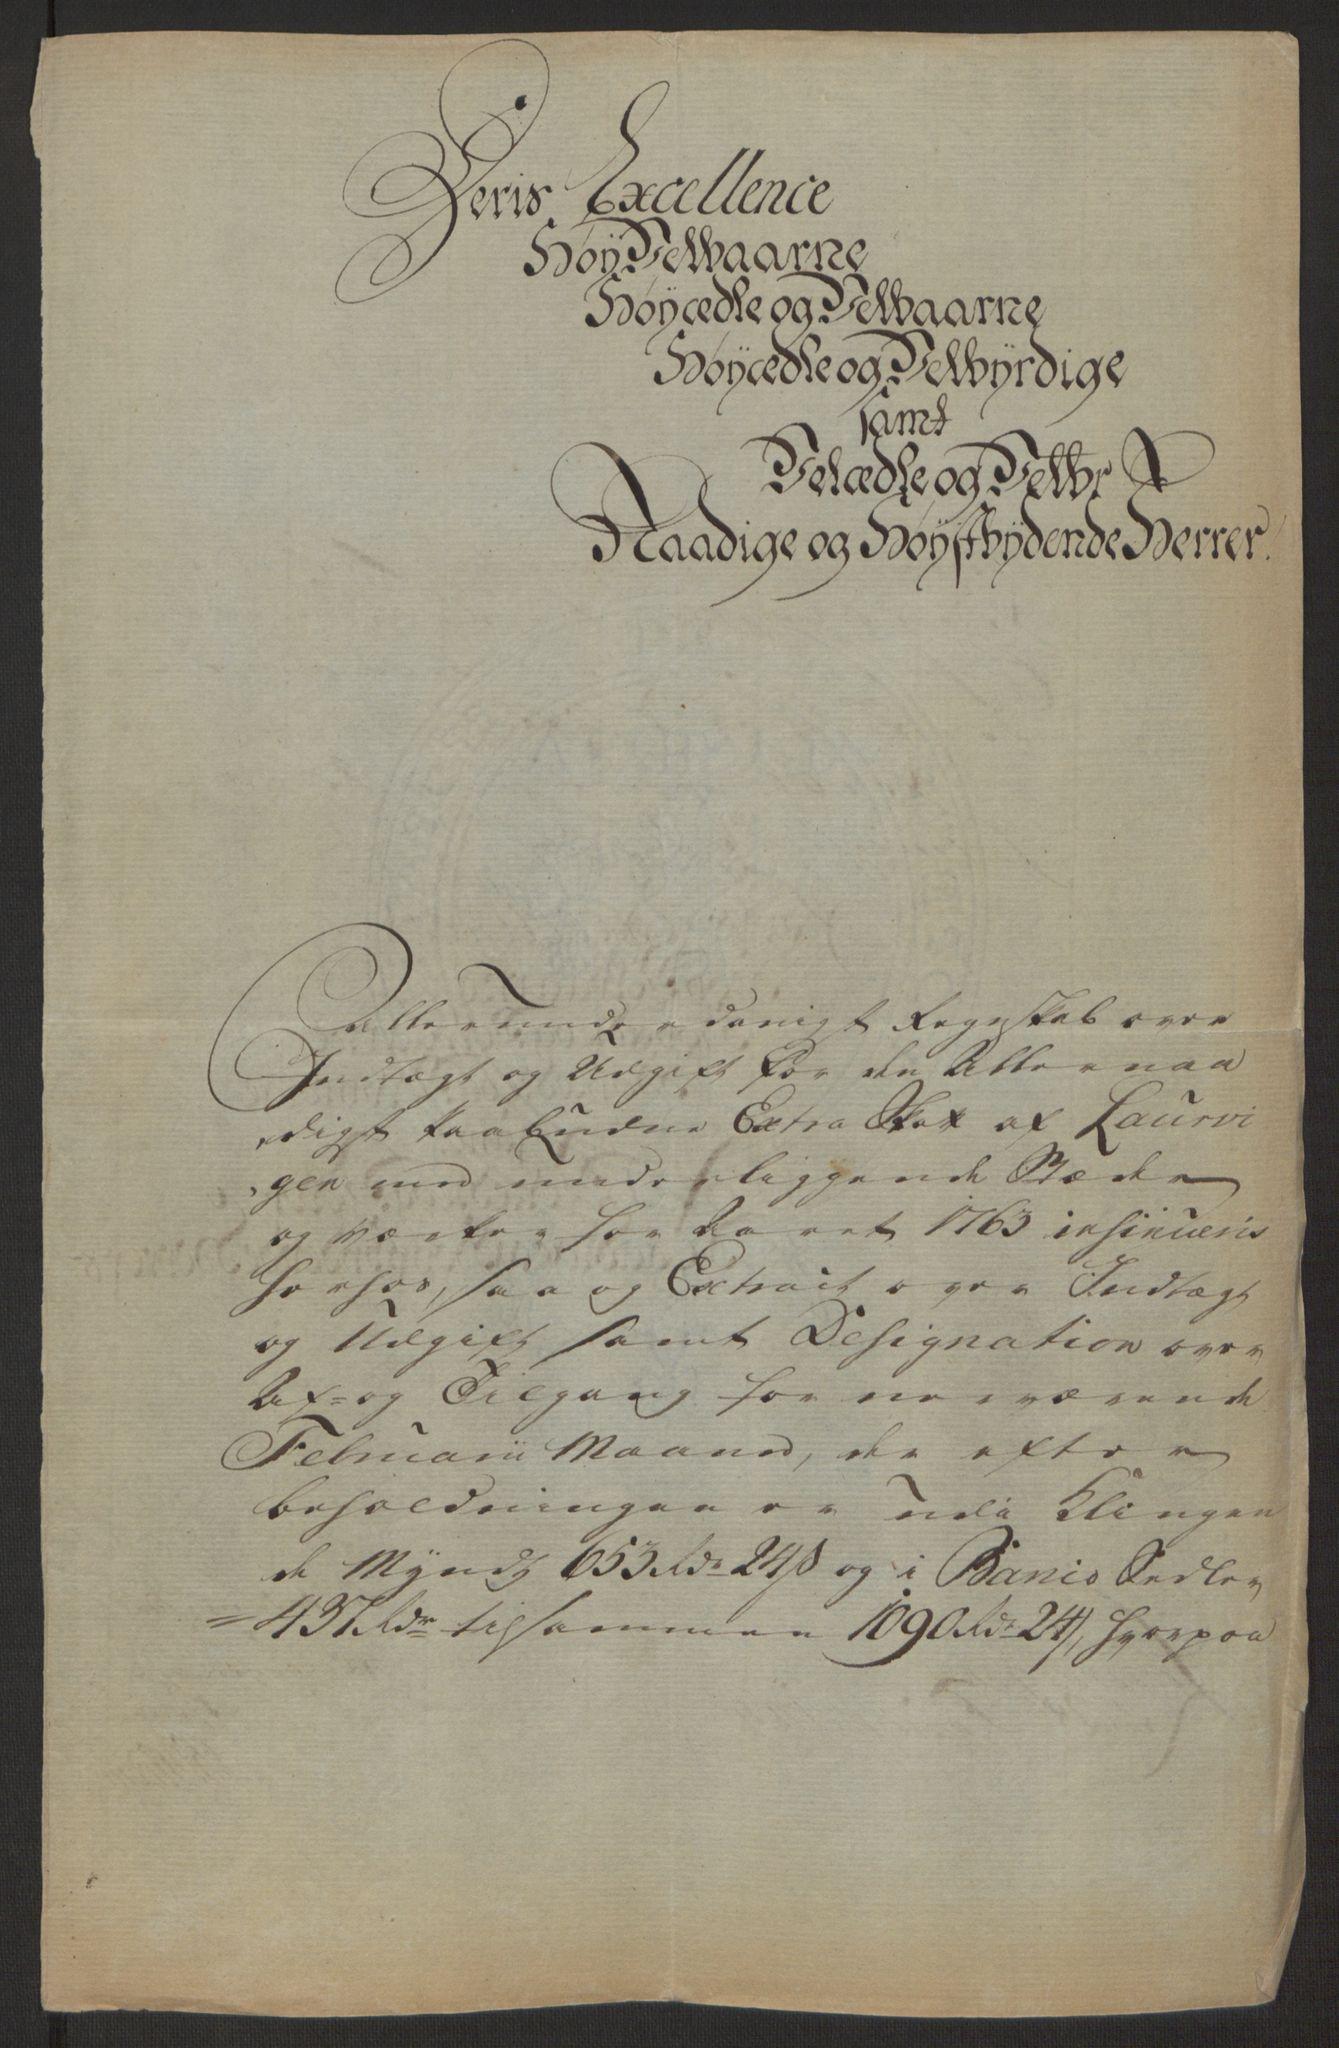 RA, Rentekammeret inntil 1814, Reviderte regnskaper, Byregnskaper, R/Ri/L0183: [I4] Kontribusjonsregnskap, 1762-1768, s. 94